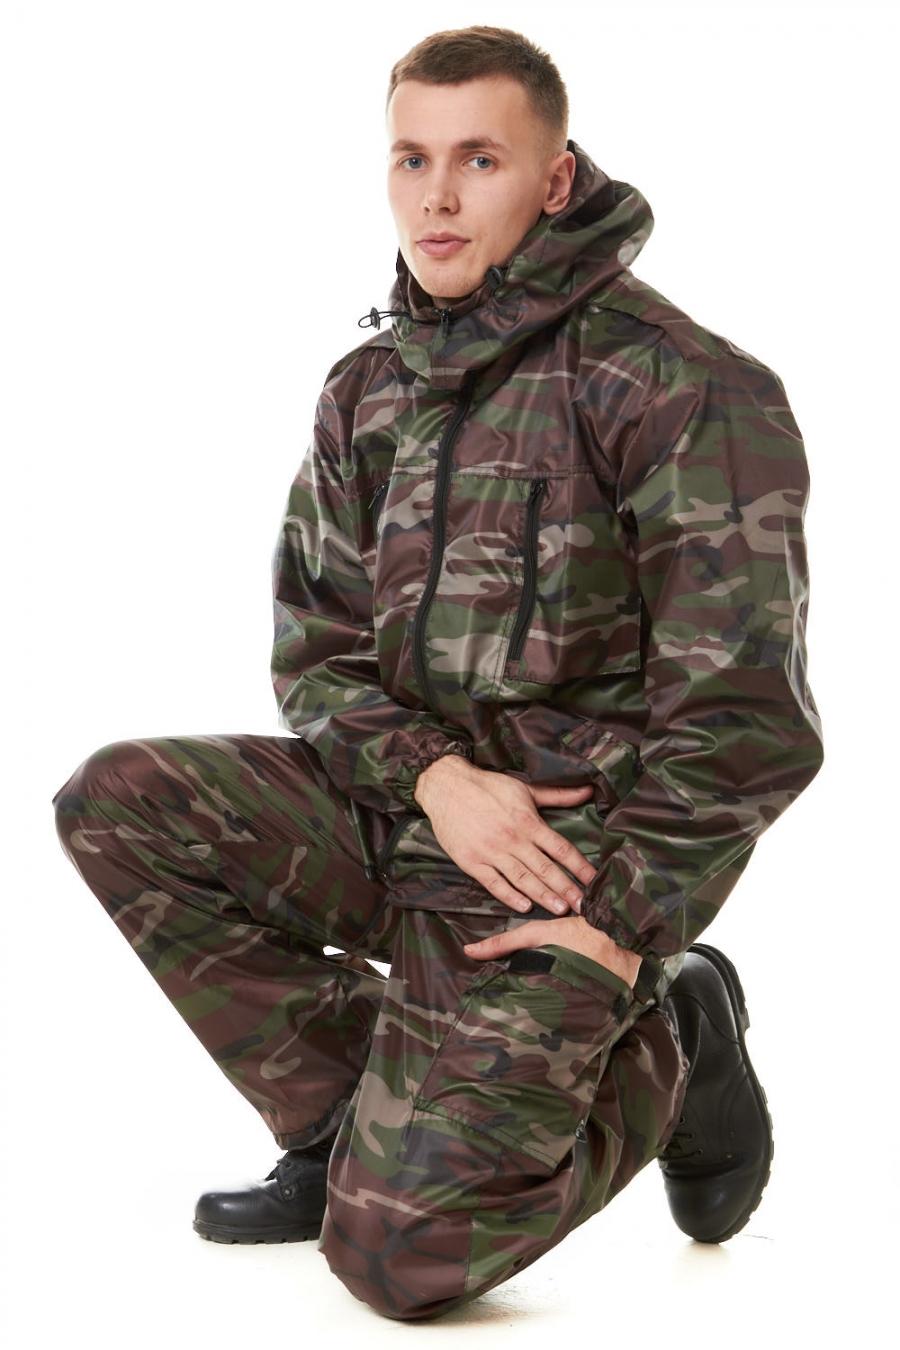 Сбор заказов.Распродажа!Очень низкие цены!Без рядов!Одежда для охоты,рыбалки,туризма - от Стайер-Текс.Выкуп-18.